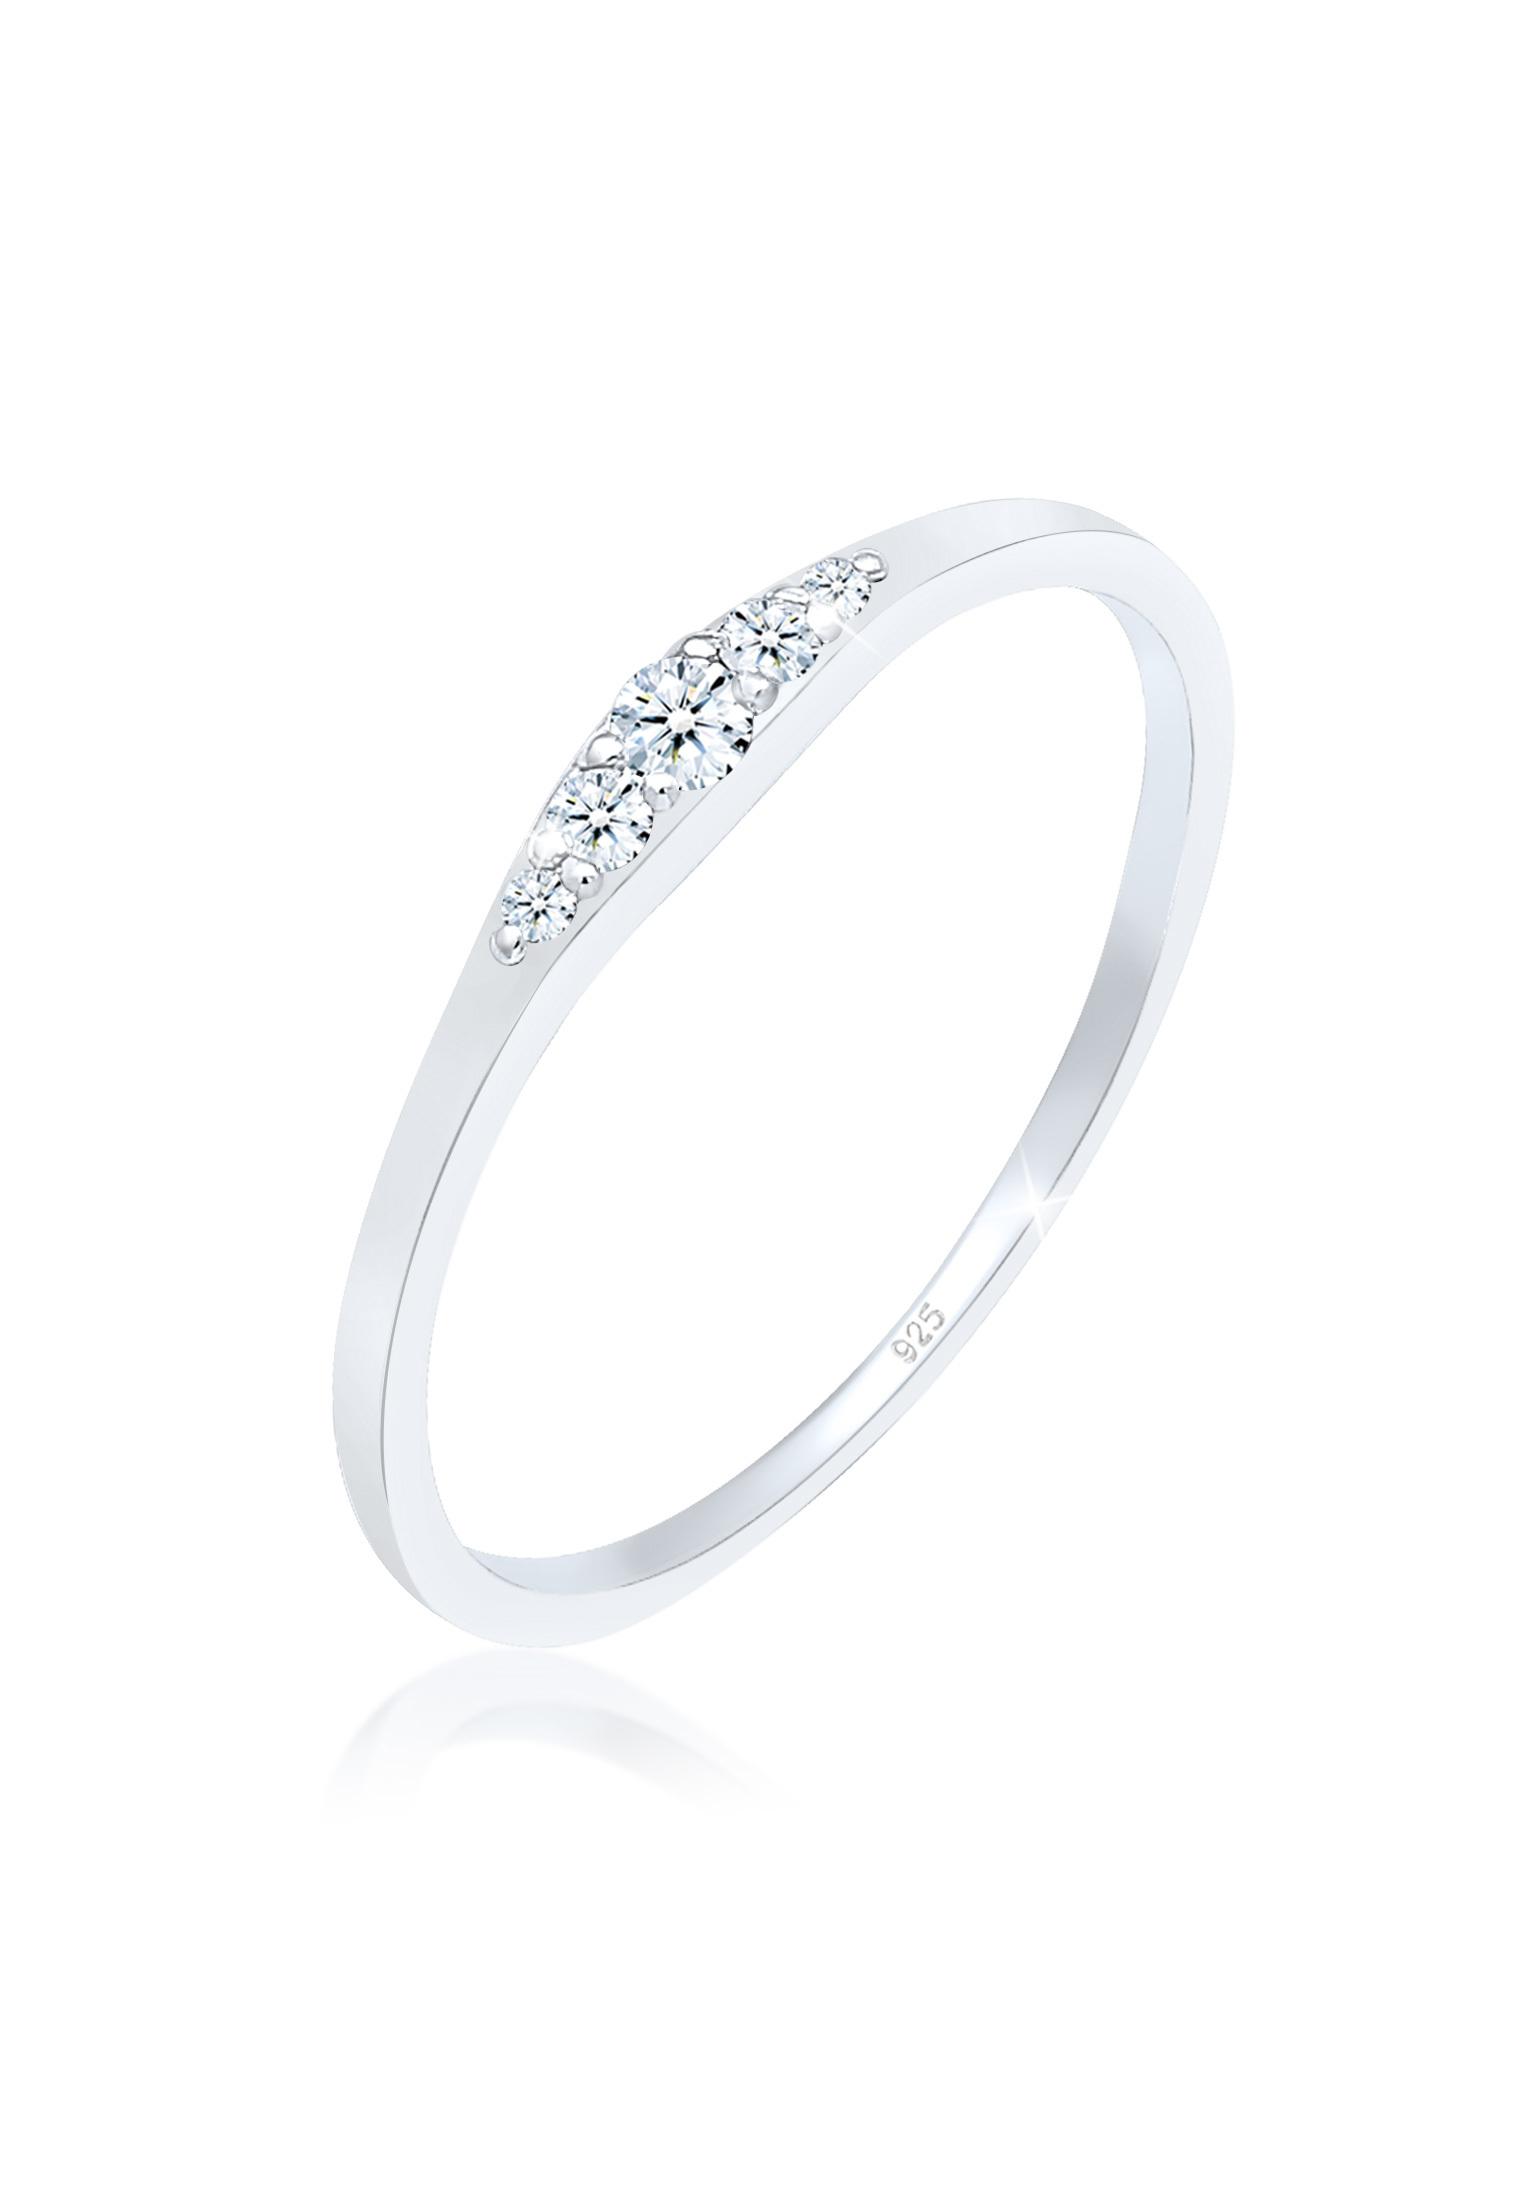 Verlobungsring | Diamant ( Weiß, 0,07 ct ) | 925er Sterling Silber